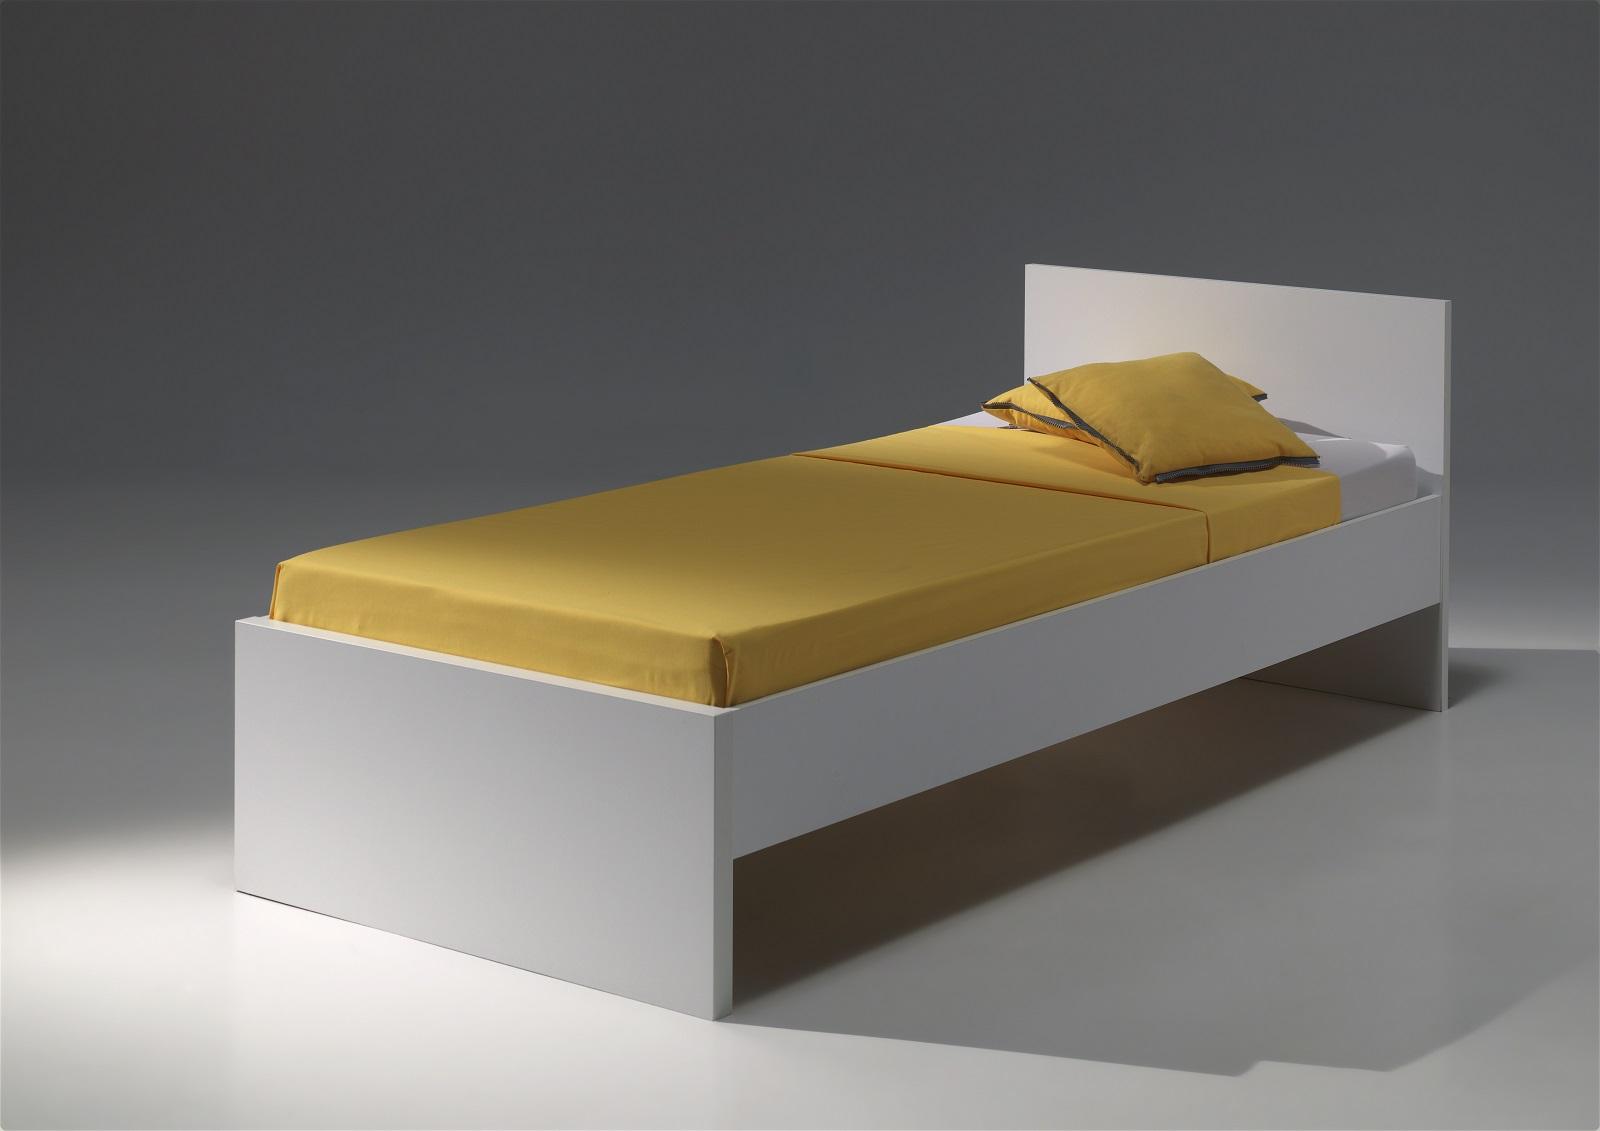 Full Size of Weißes Bett 90x200 Weiß Mit Schubladen Lattenrost Und Matratze Betten Kiefer Bettkasten Wohnzimmer Jugendbett 90x200